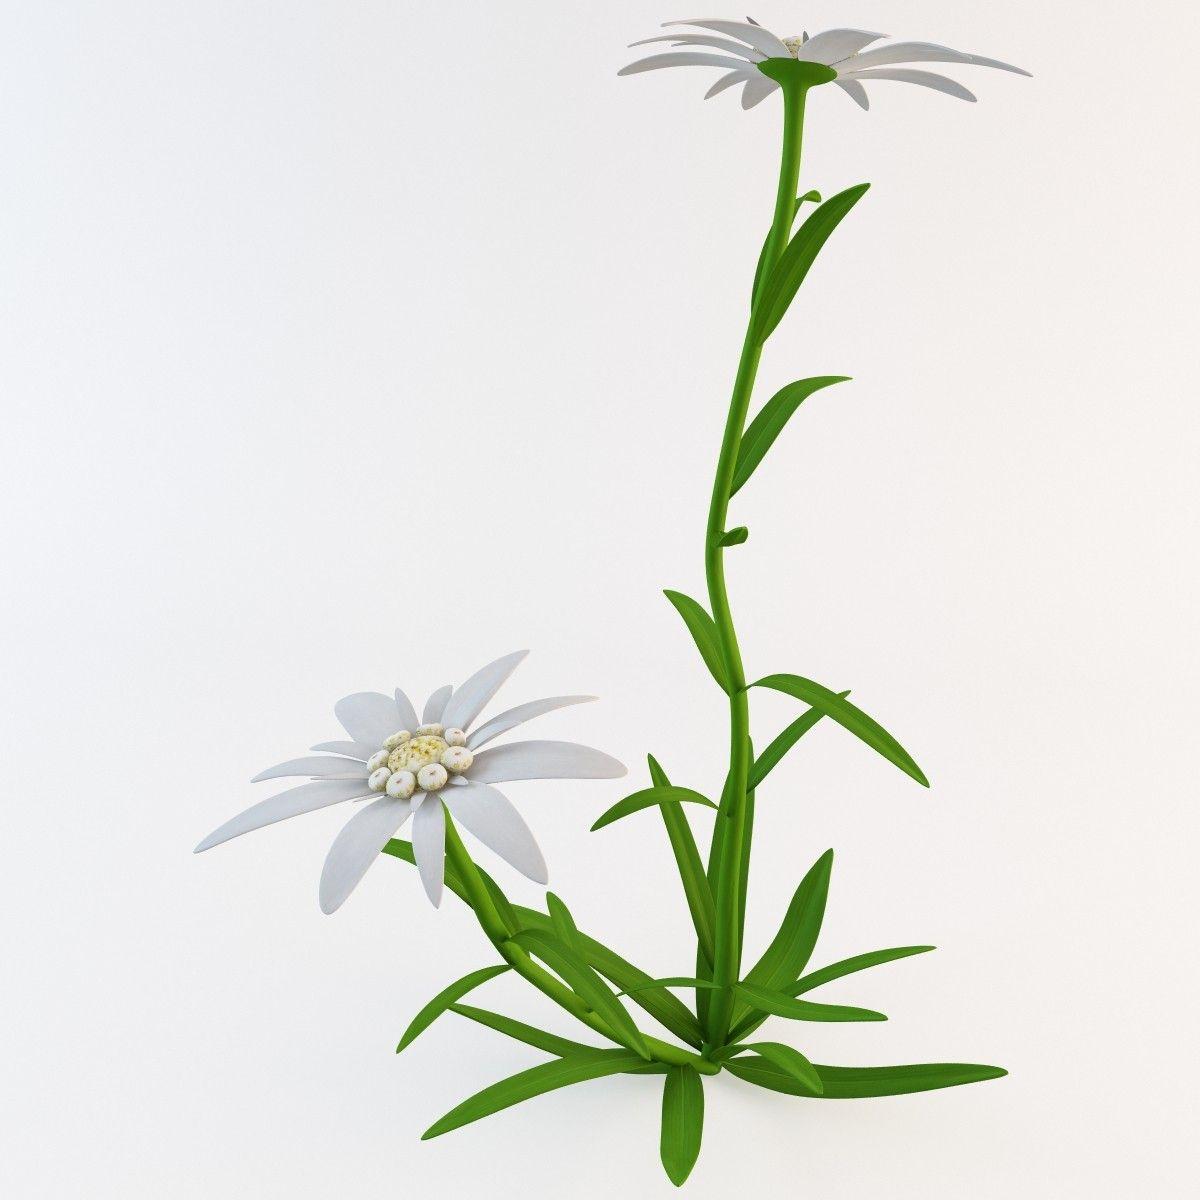 цветок эдельвейс картинки на прозрачном фоне заметили